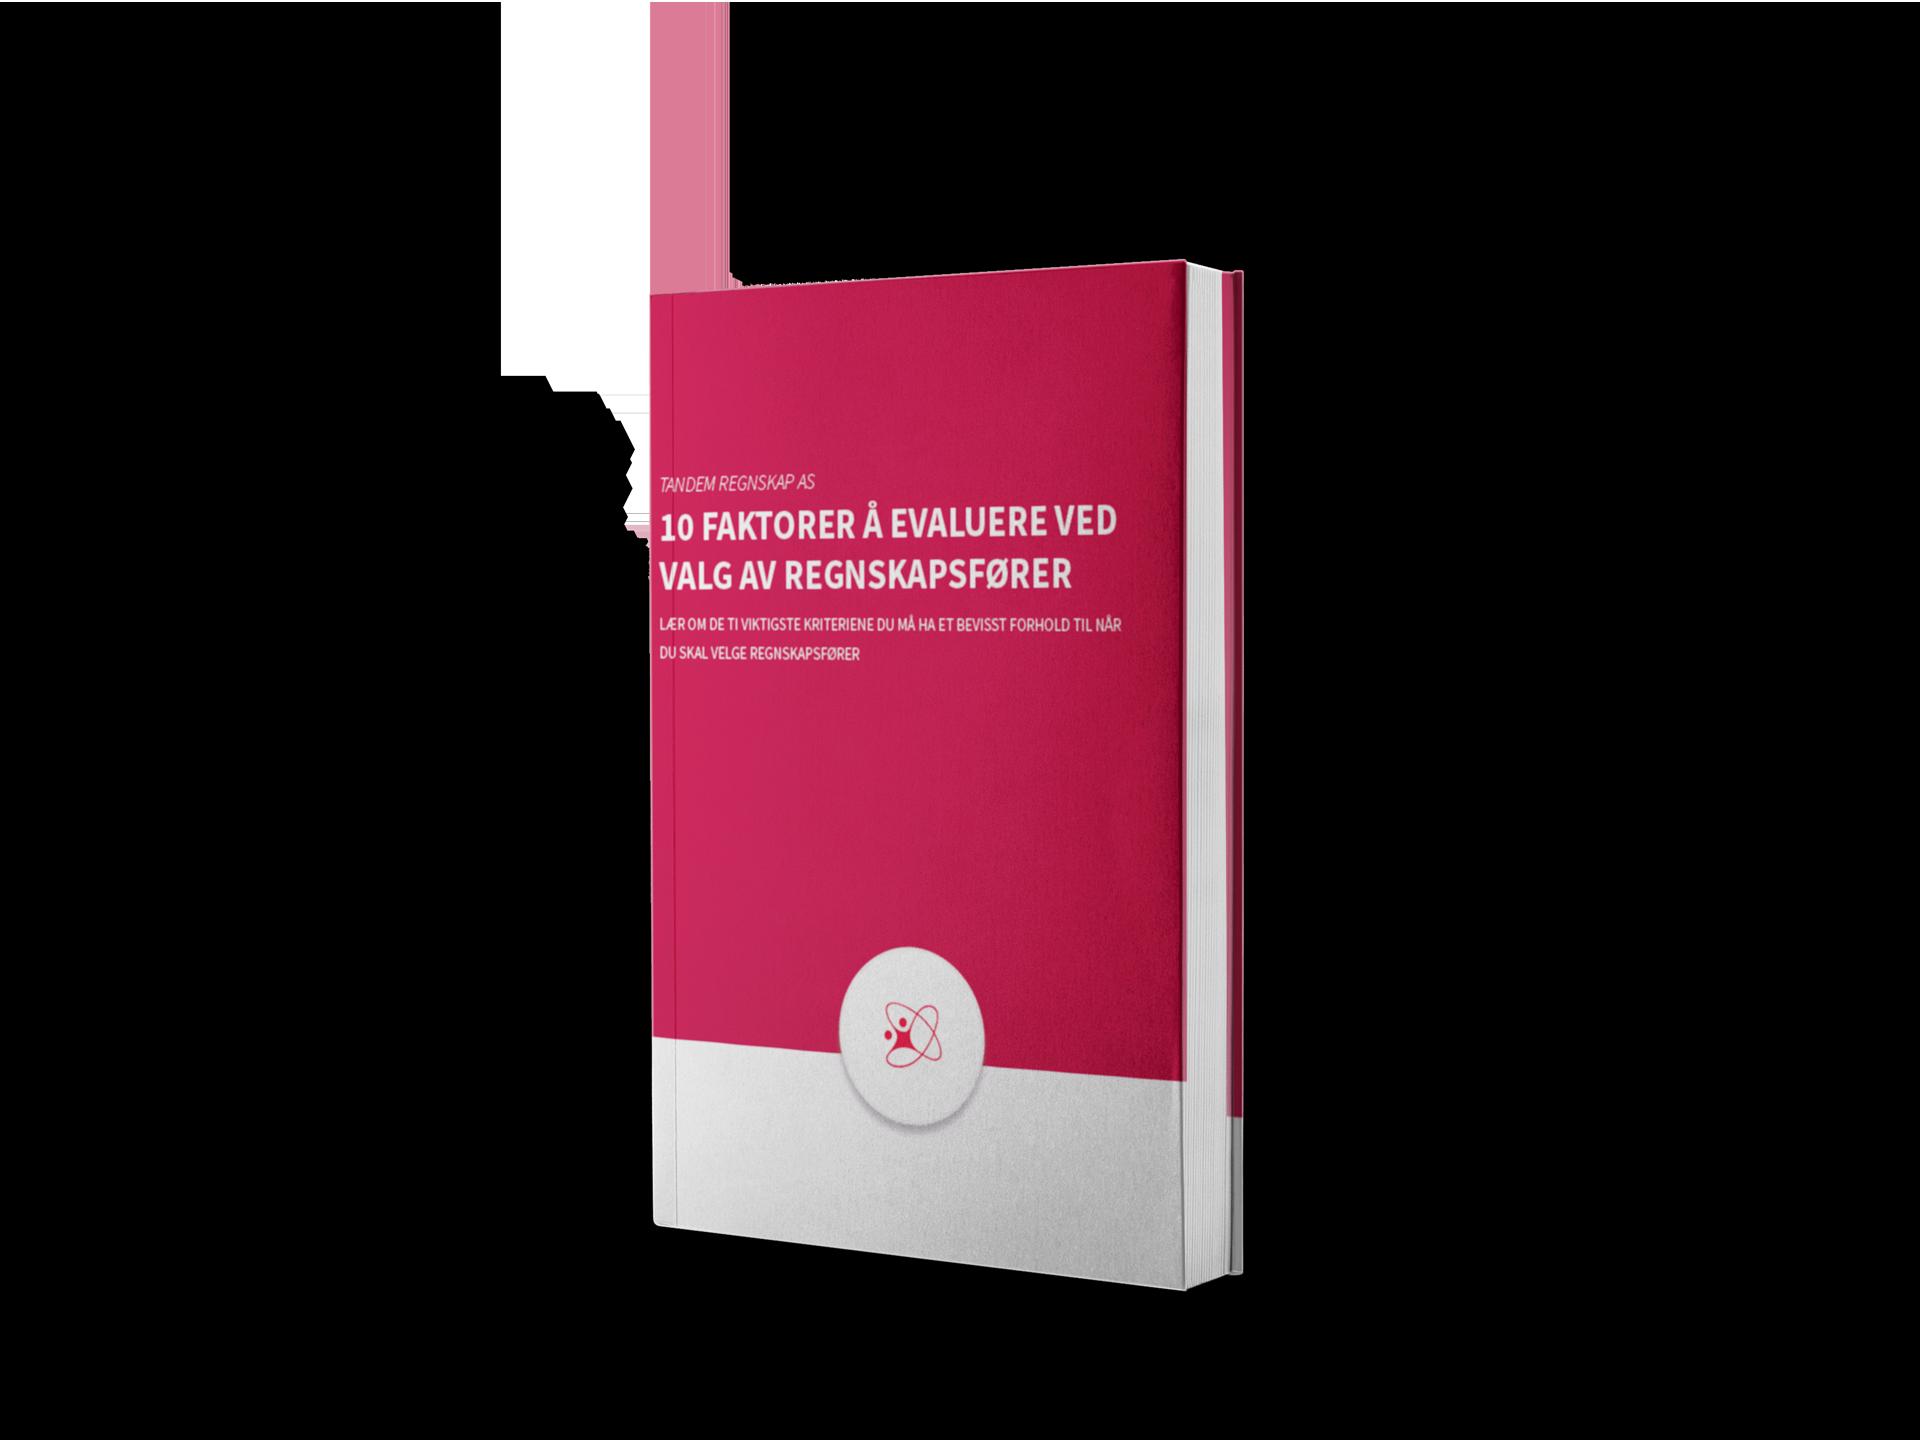 guide - 10 faktorer å evaluere ved valg av regnskapsfører.png